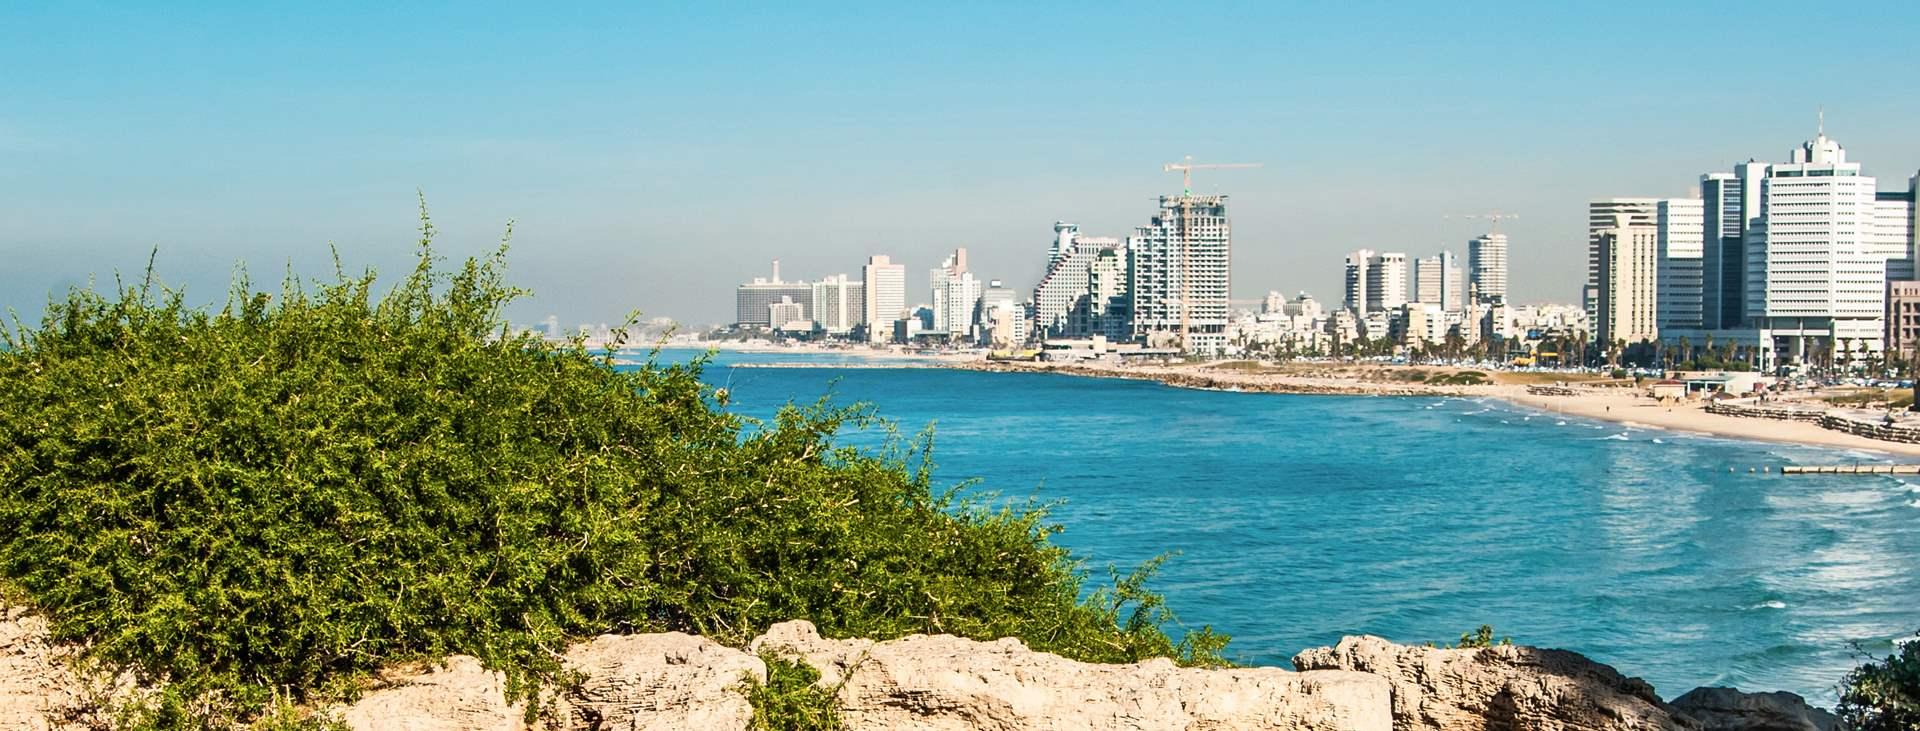 Boka en resa till Israel med flyg och hotell